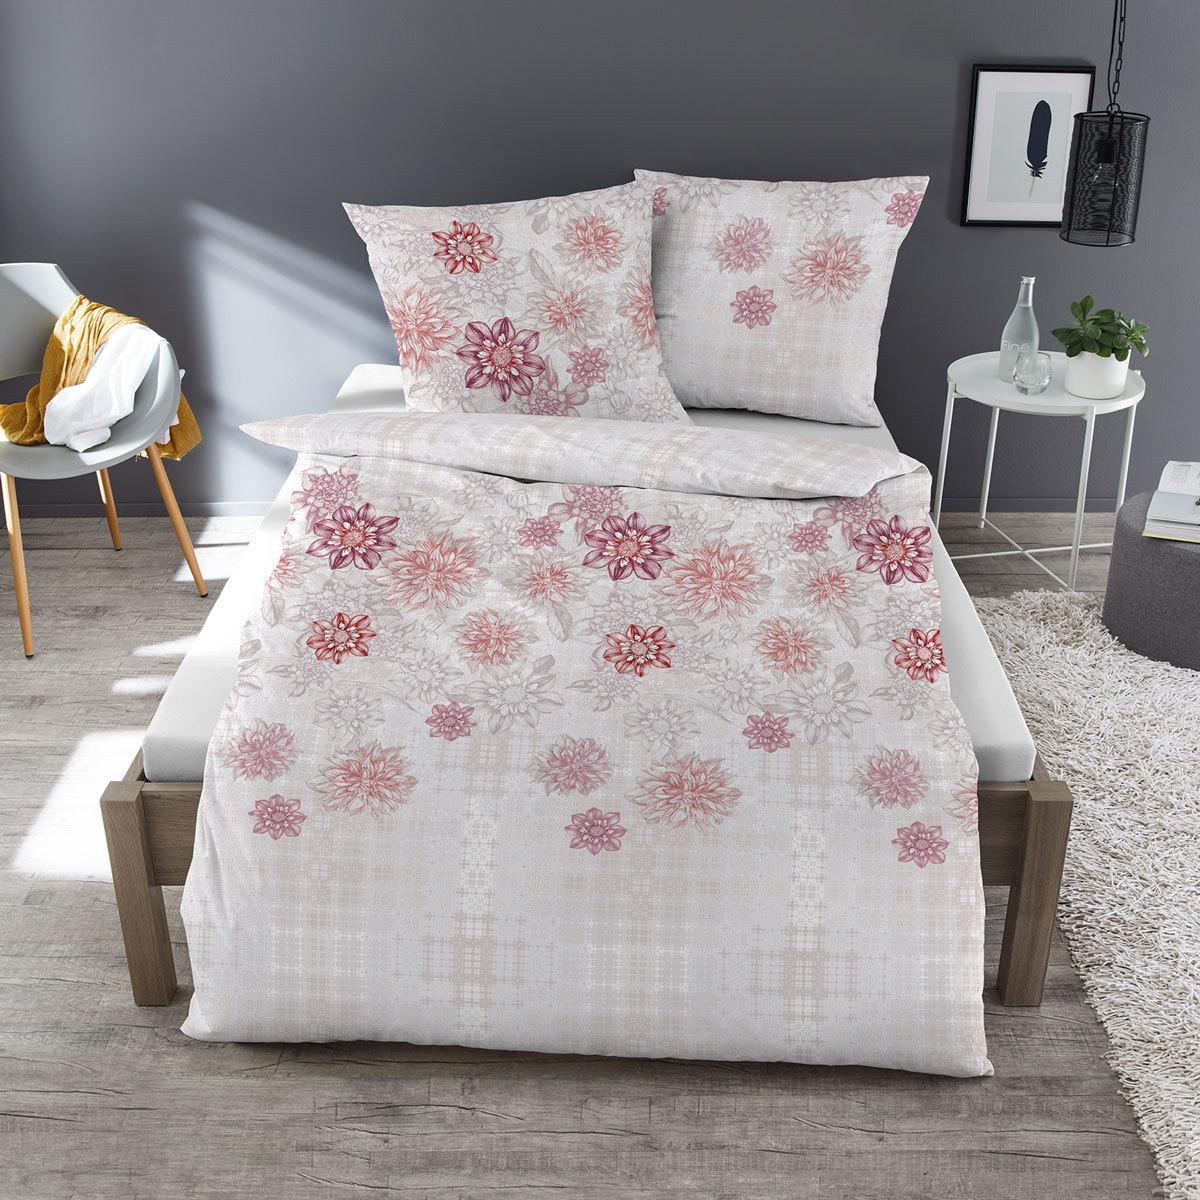 Dormisette Feinbiber Bettwäsche Blüten weiß